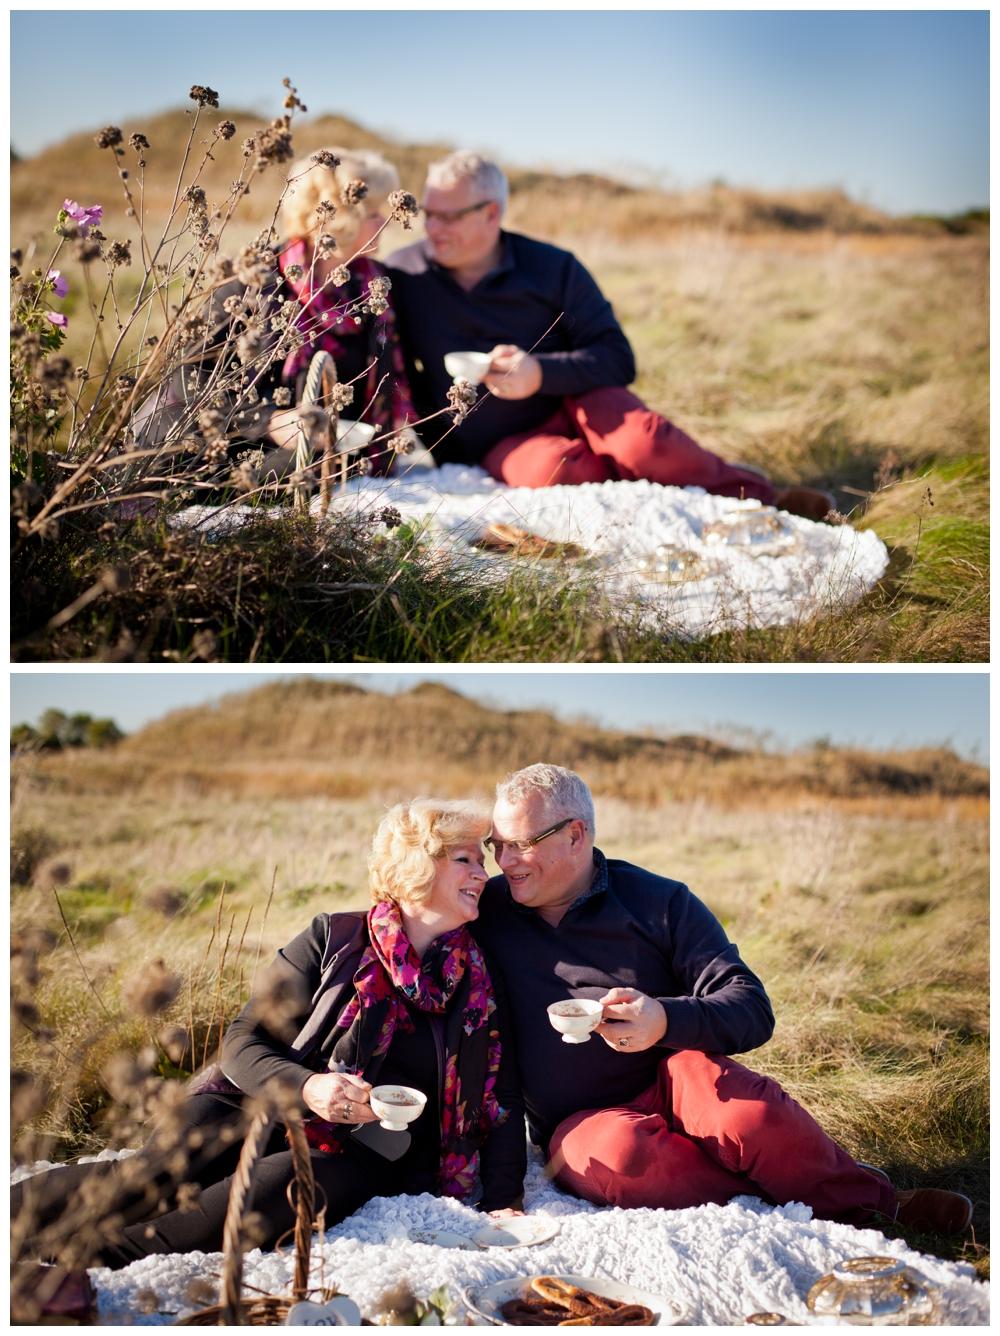 Loveshoot Freek&Liesbeth - Debora Yari Fotografie002